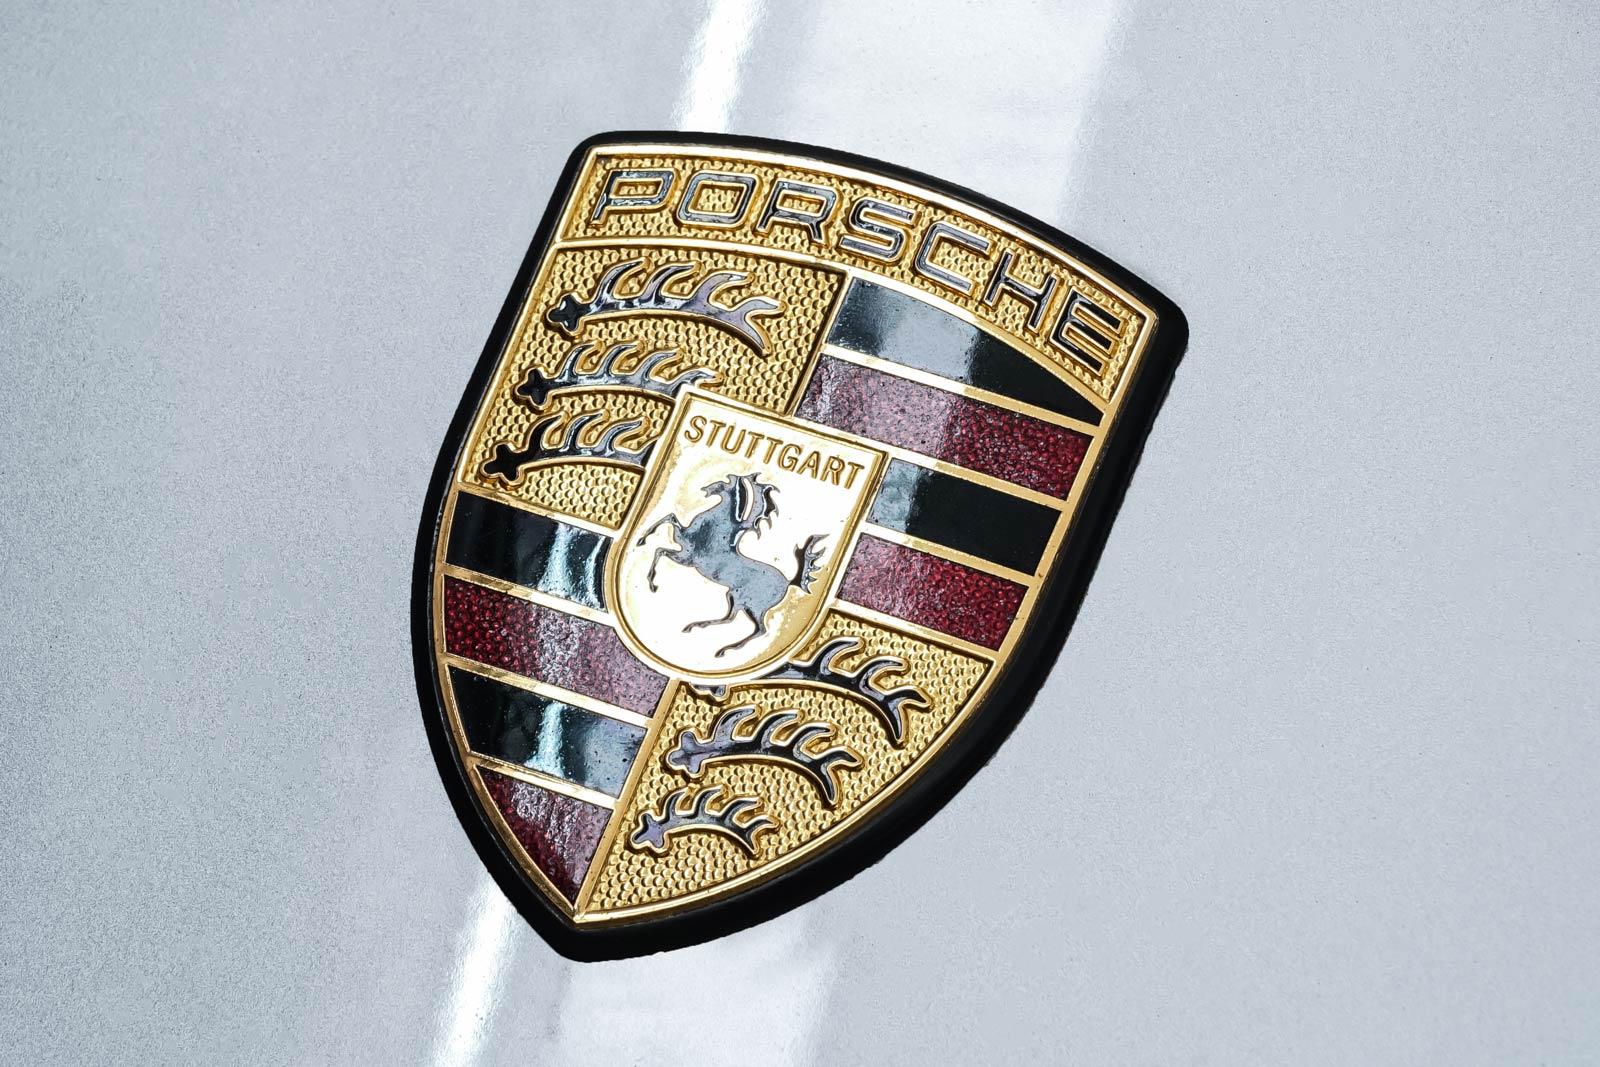 Porsche_997_Targa4s_Silber_Grau_POR-0477_13_w